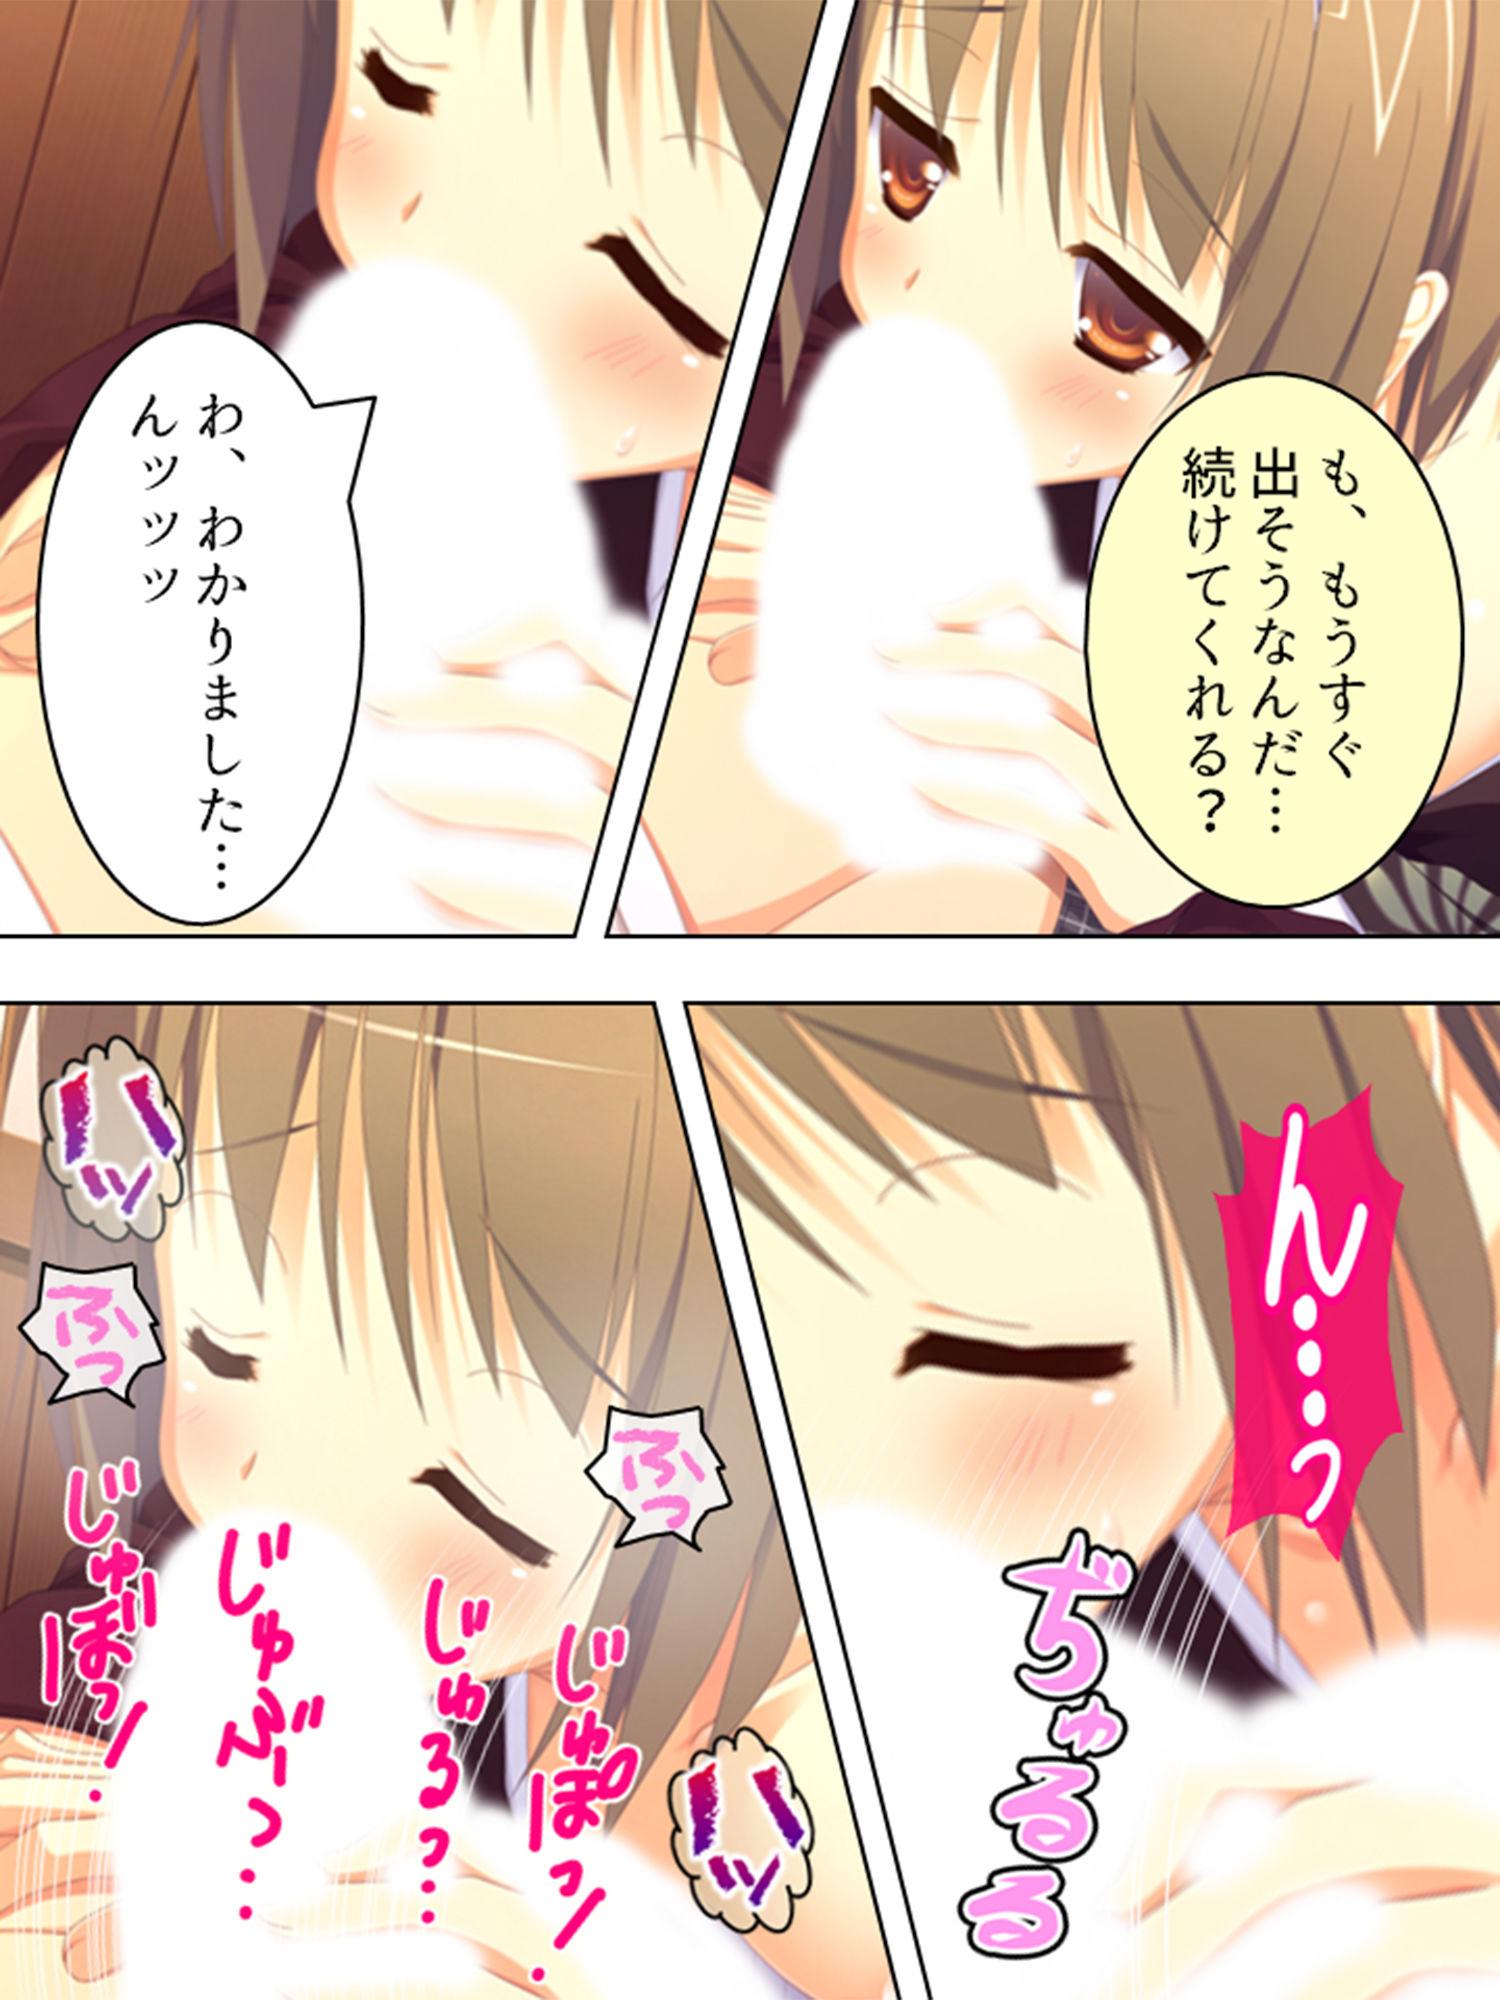 美少女四姉妹とのハーレム保健体育 5巻6